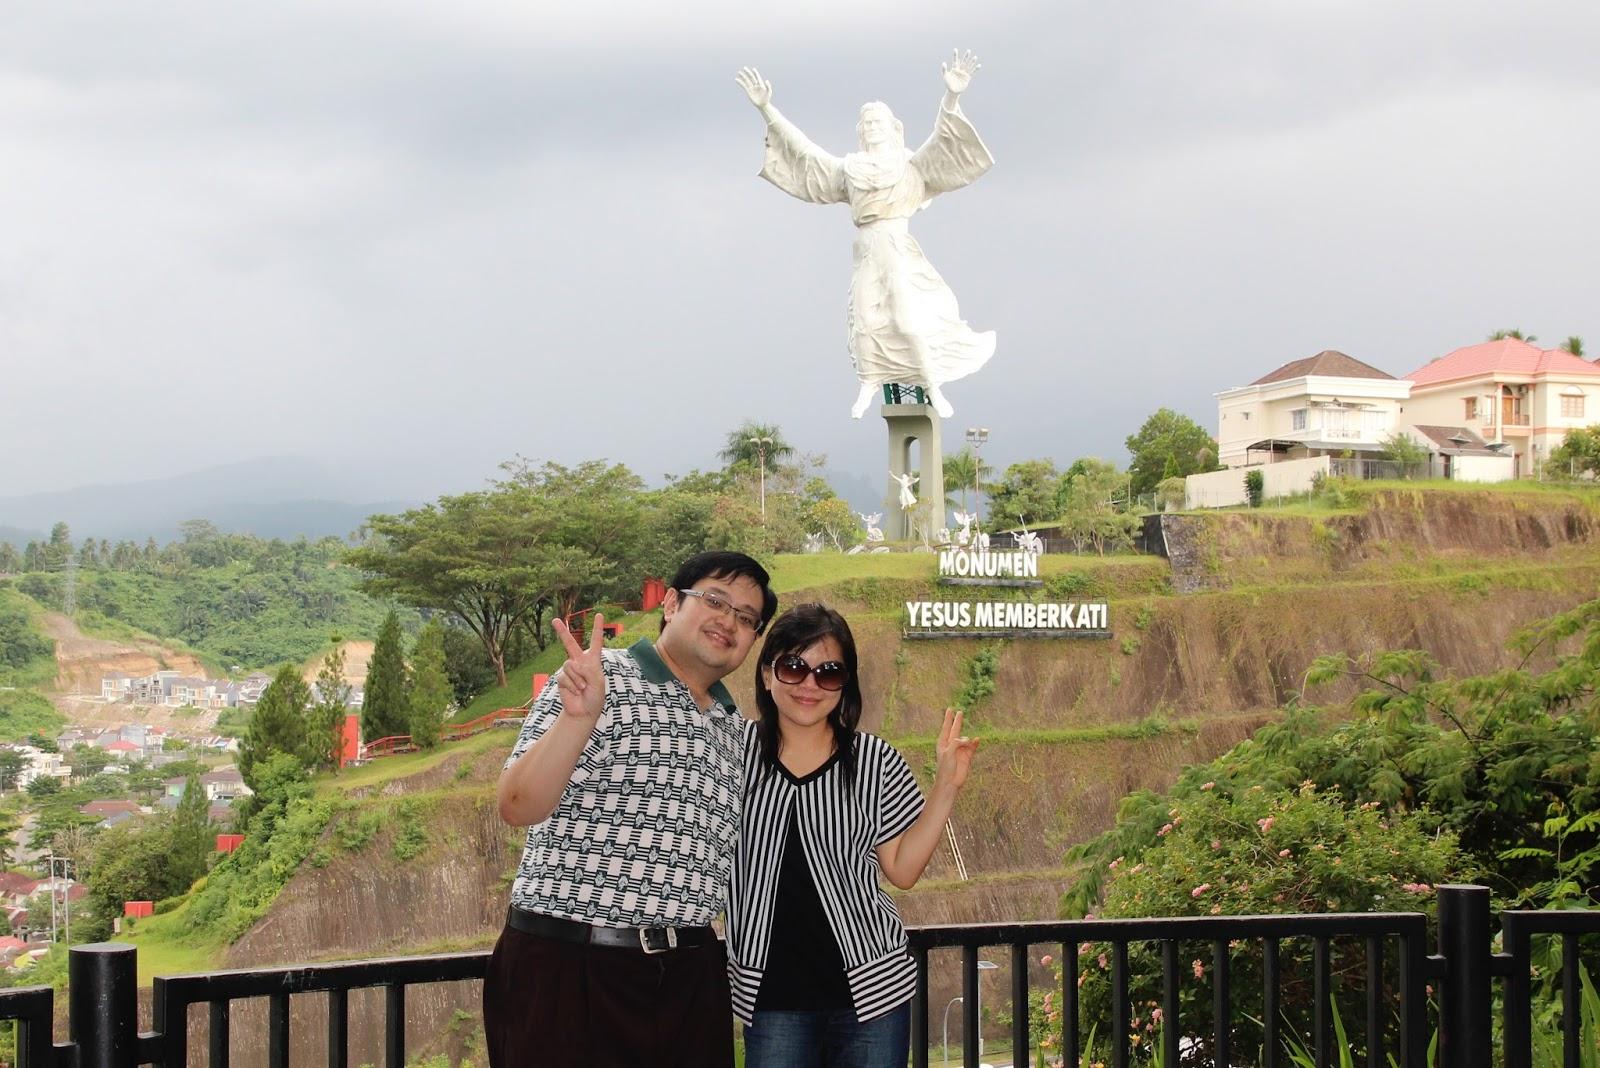 Julie Bercerita Manado Punya Cerita Desa Woloan Melanjutkan Perjalanan Ikon